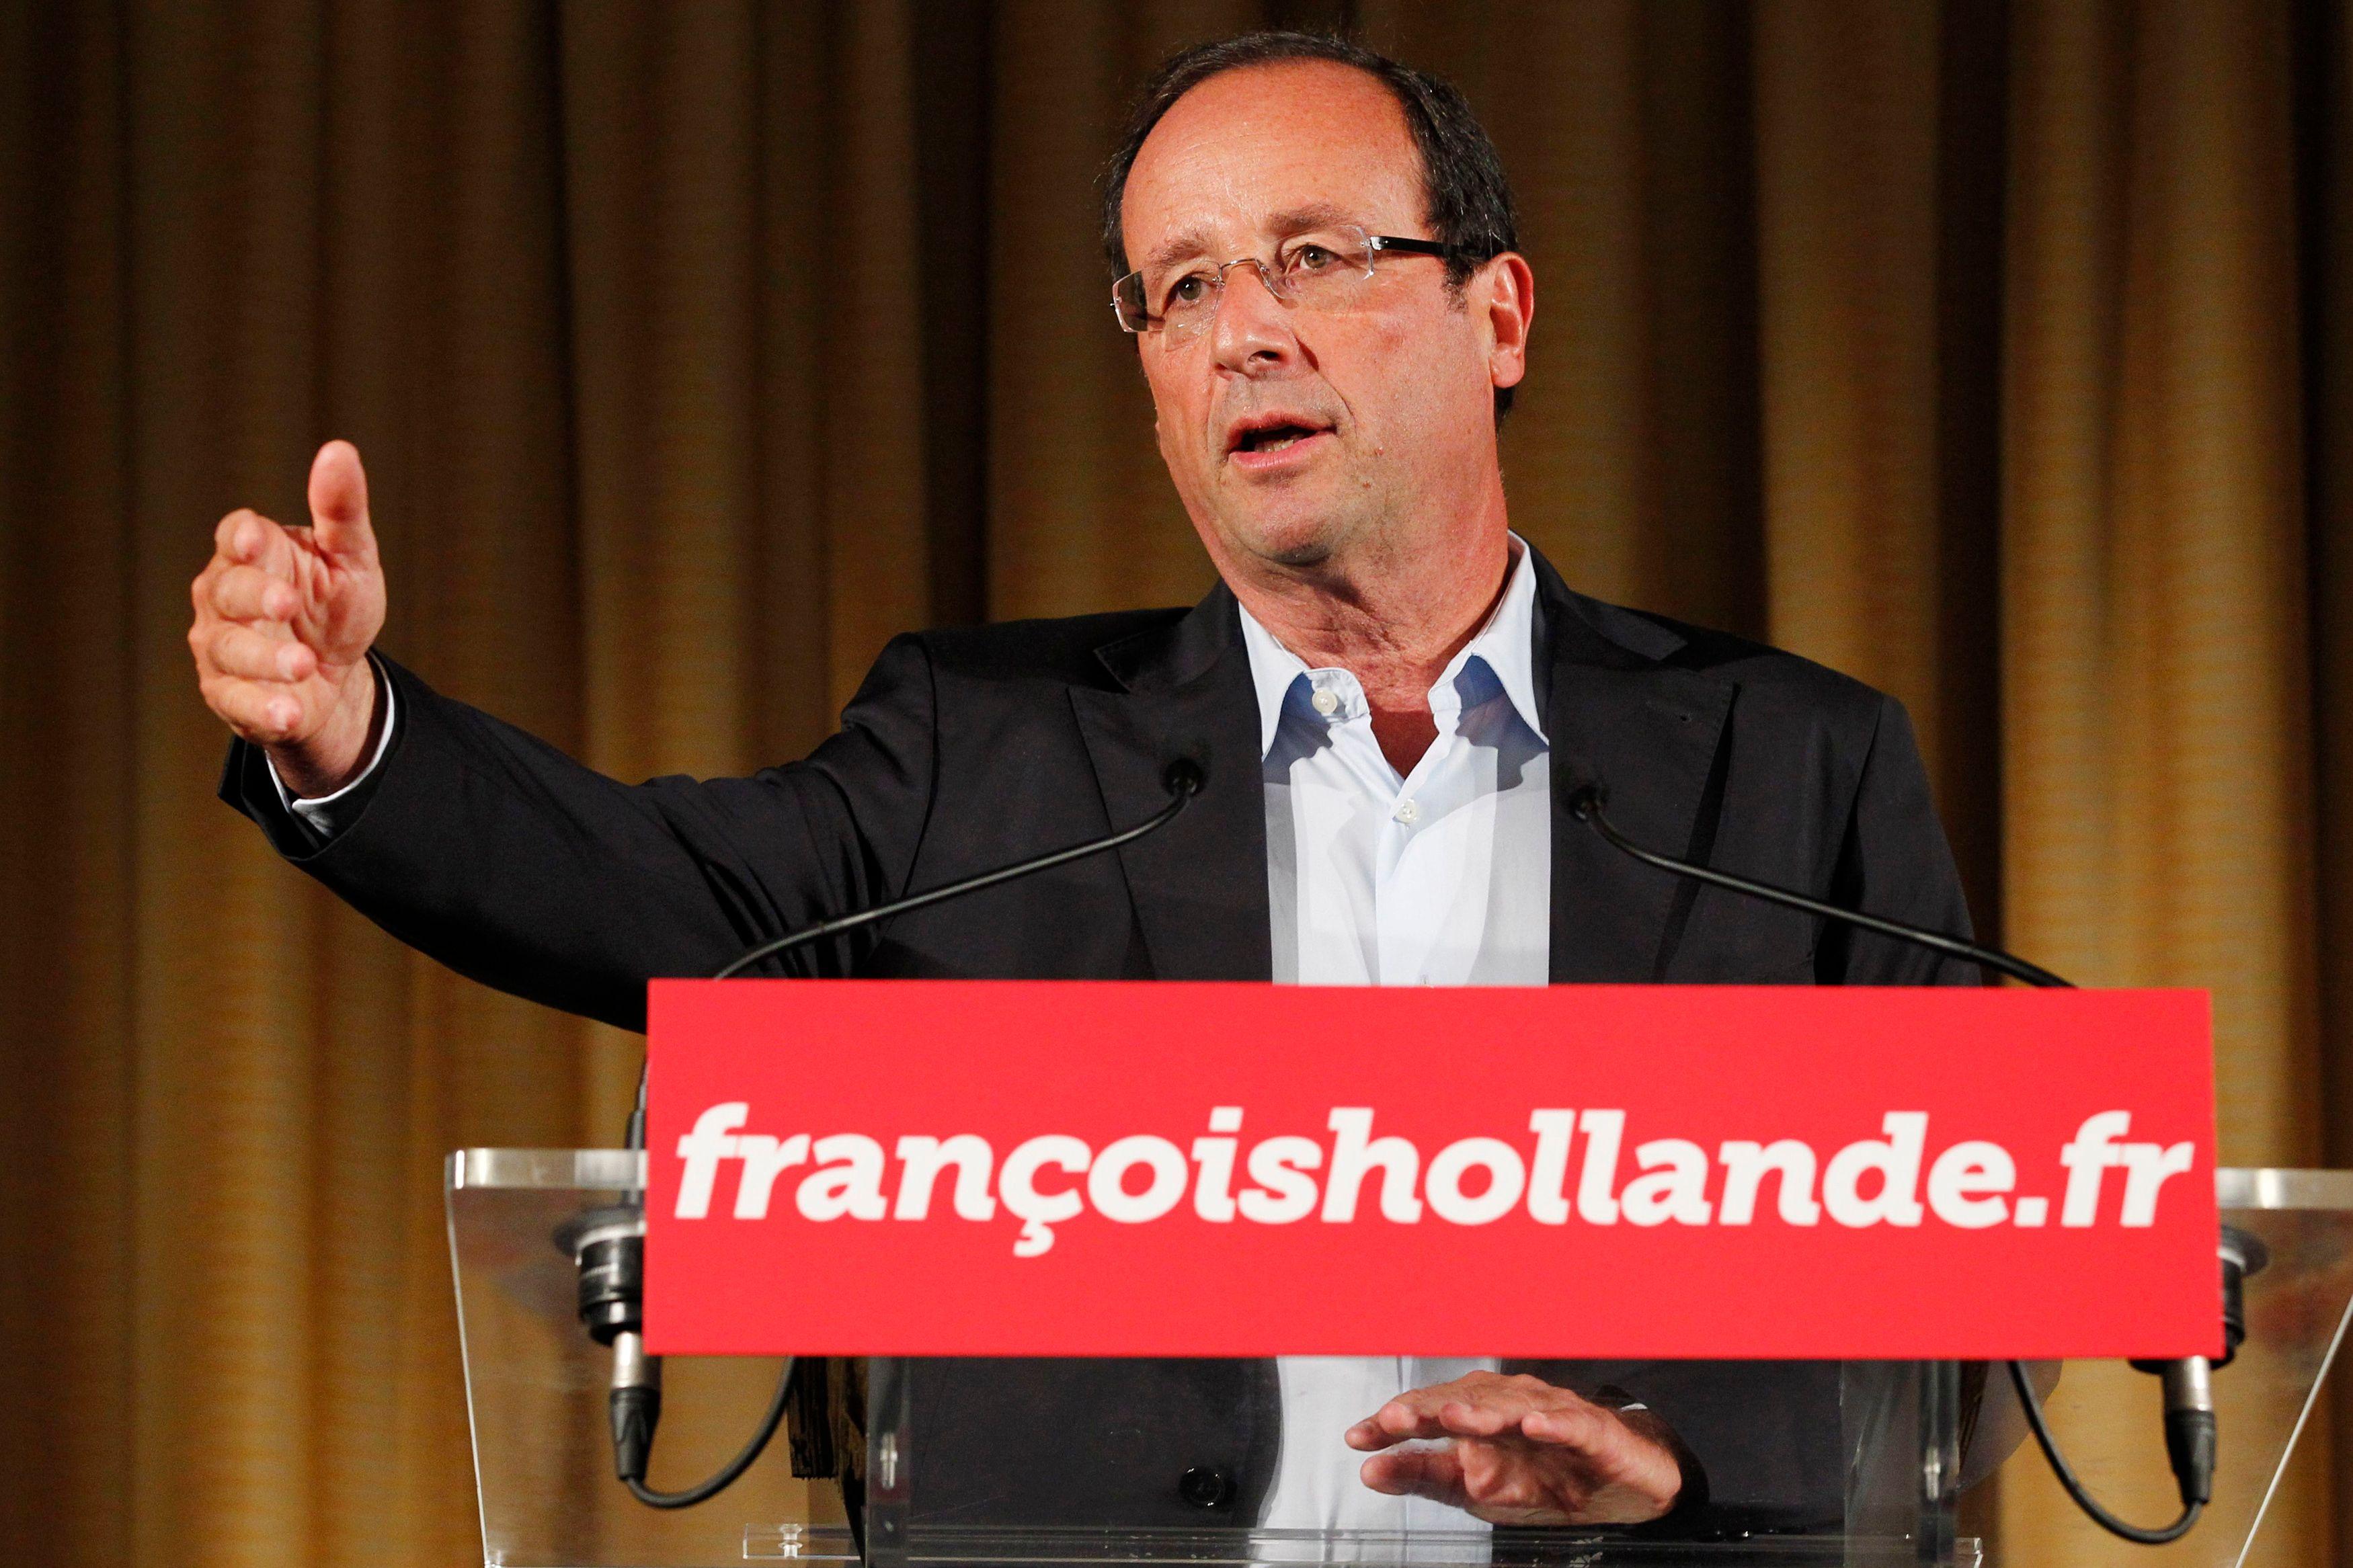 François Hollande a fustigé l'antisémitisme